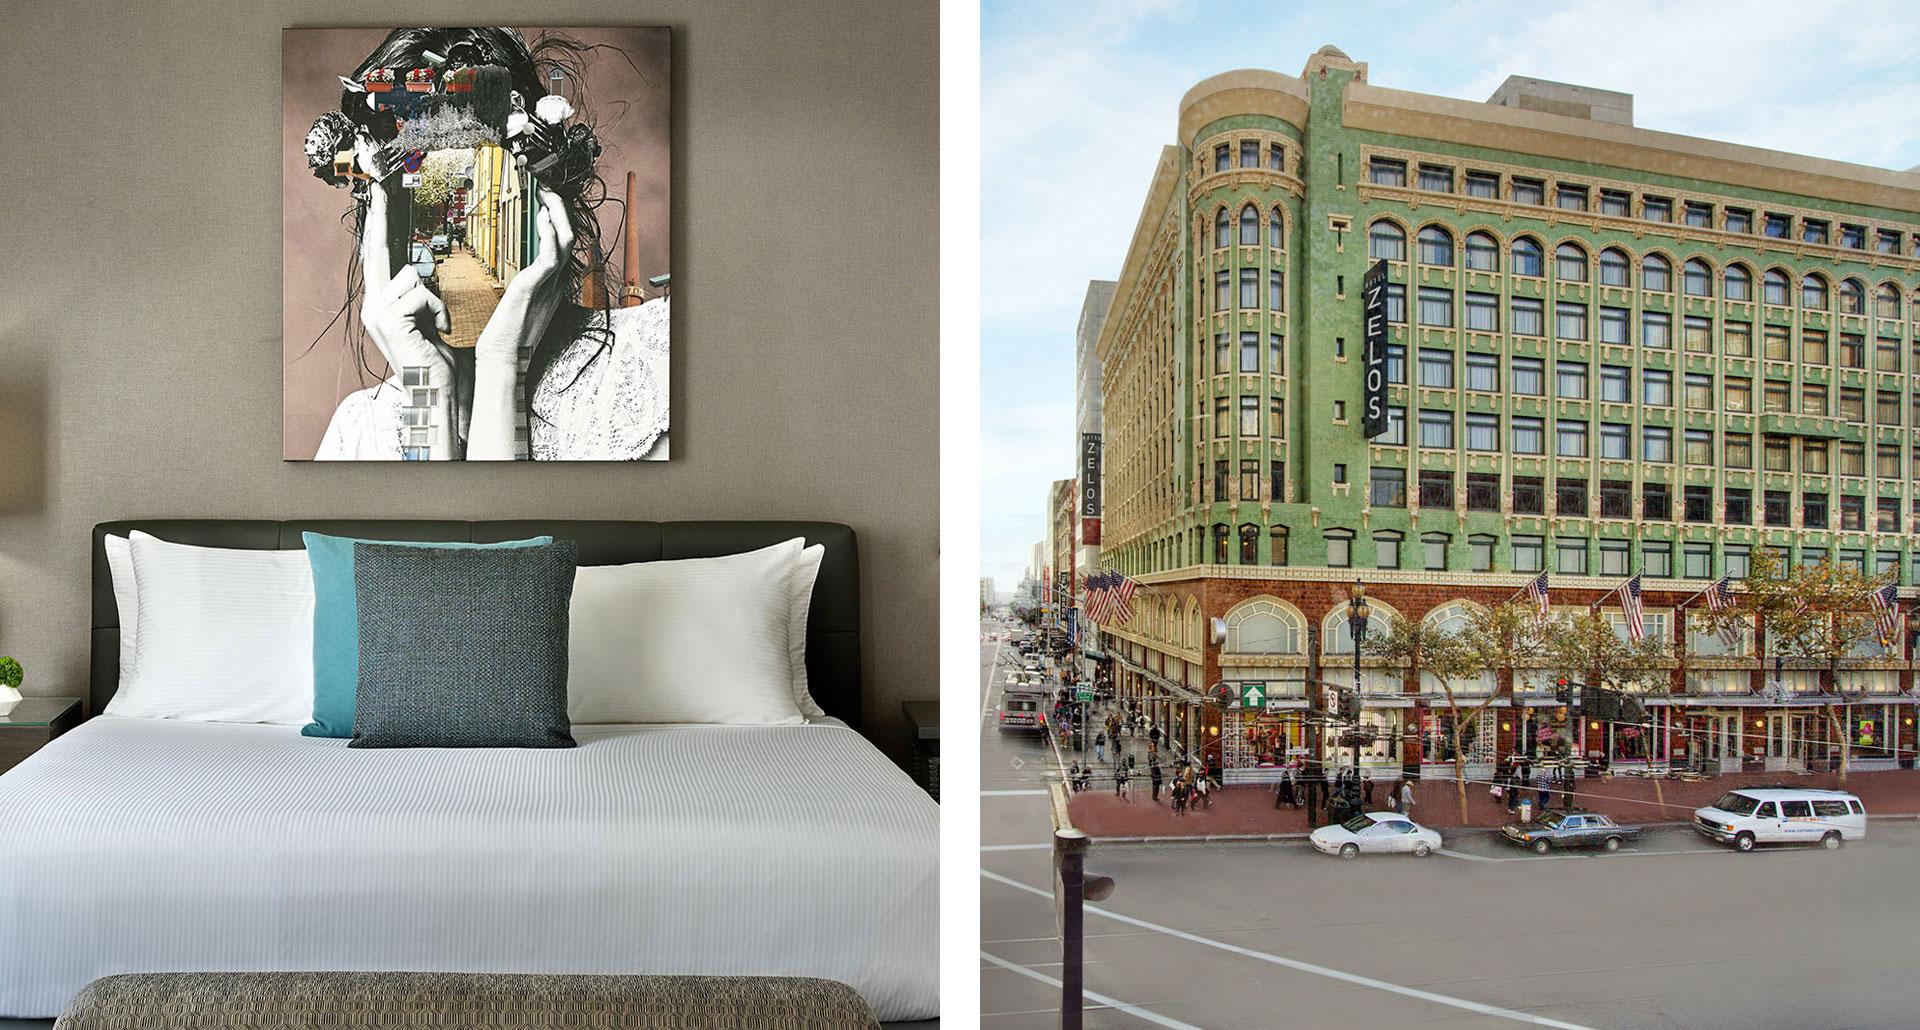 Hotel Zelos San Francisco - boutique hotel in San Francisco